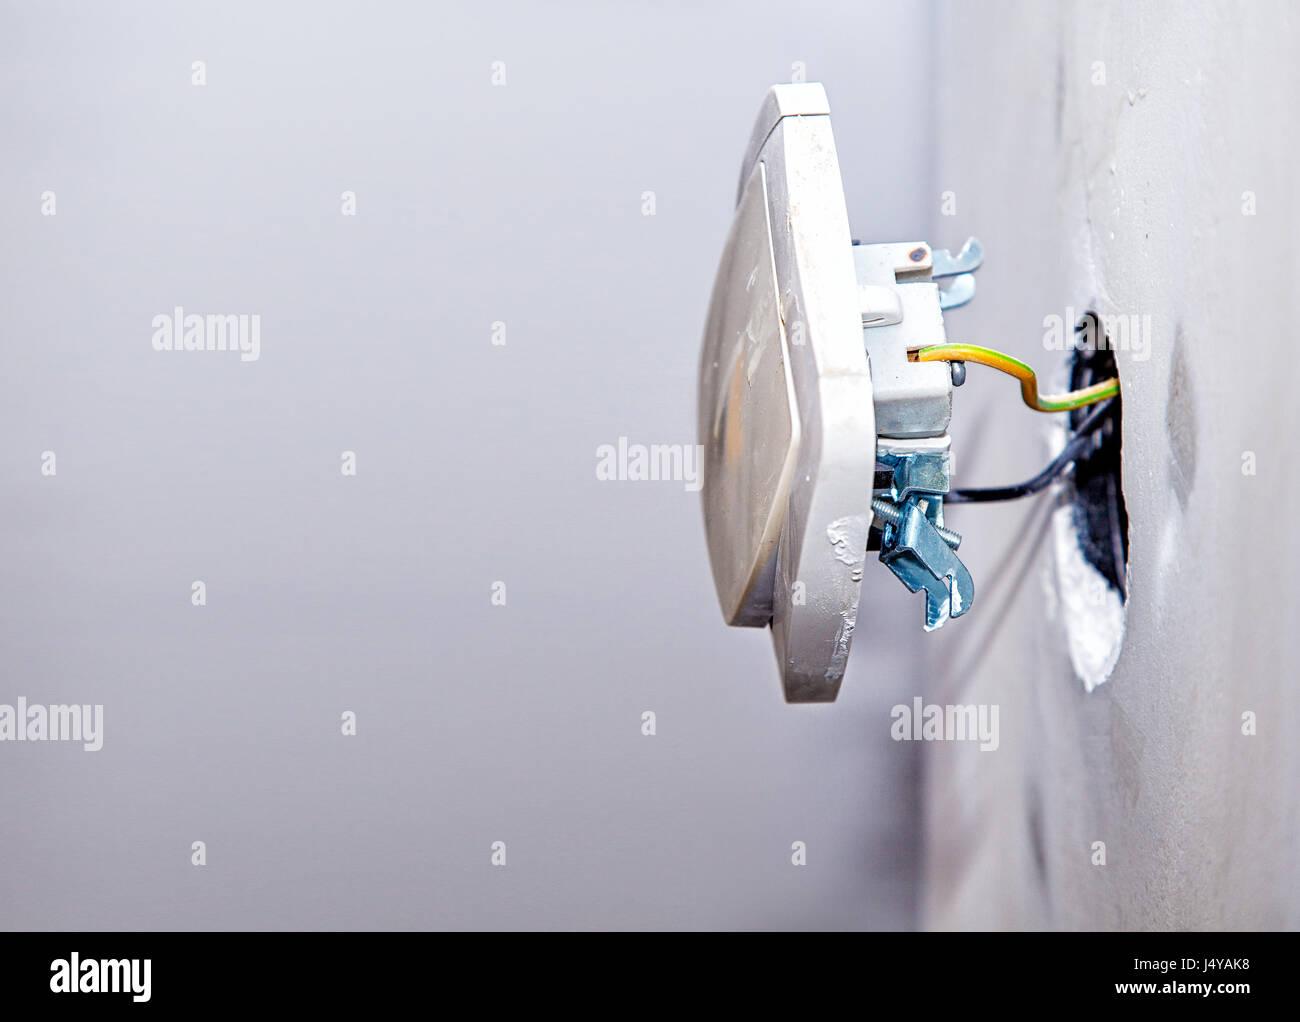 Schön Steckdose Elektrische Verkabelung Fotos - Der Schaltplan ...